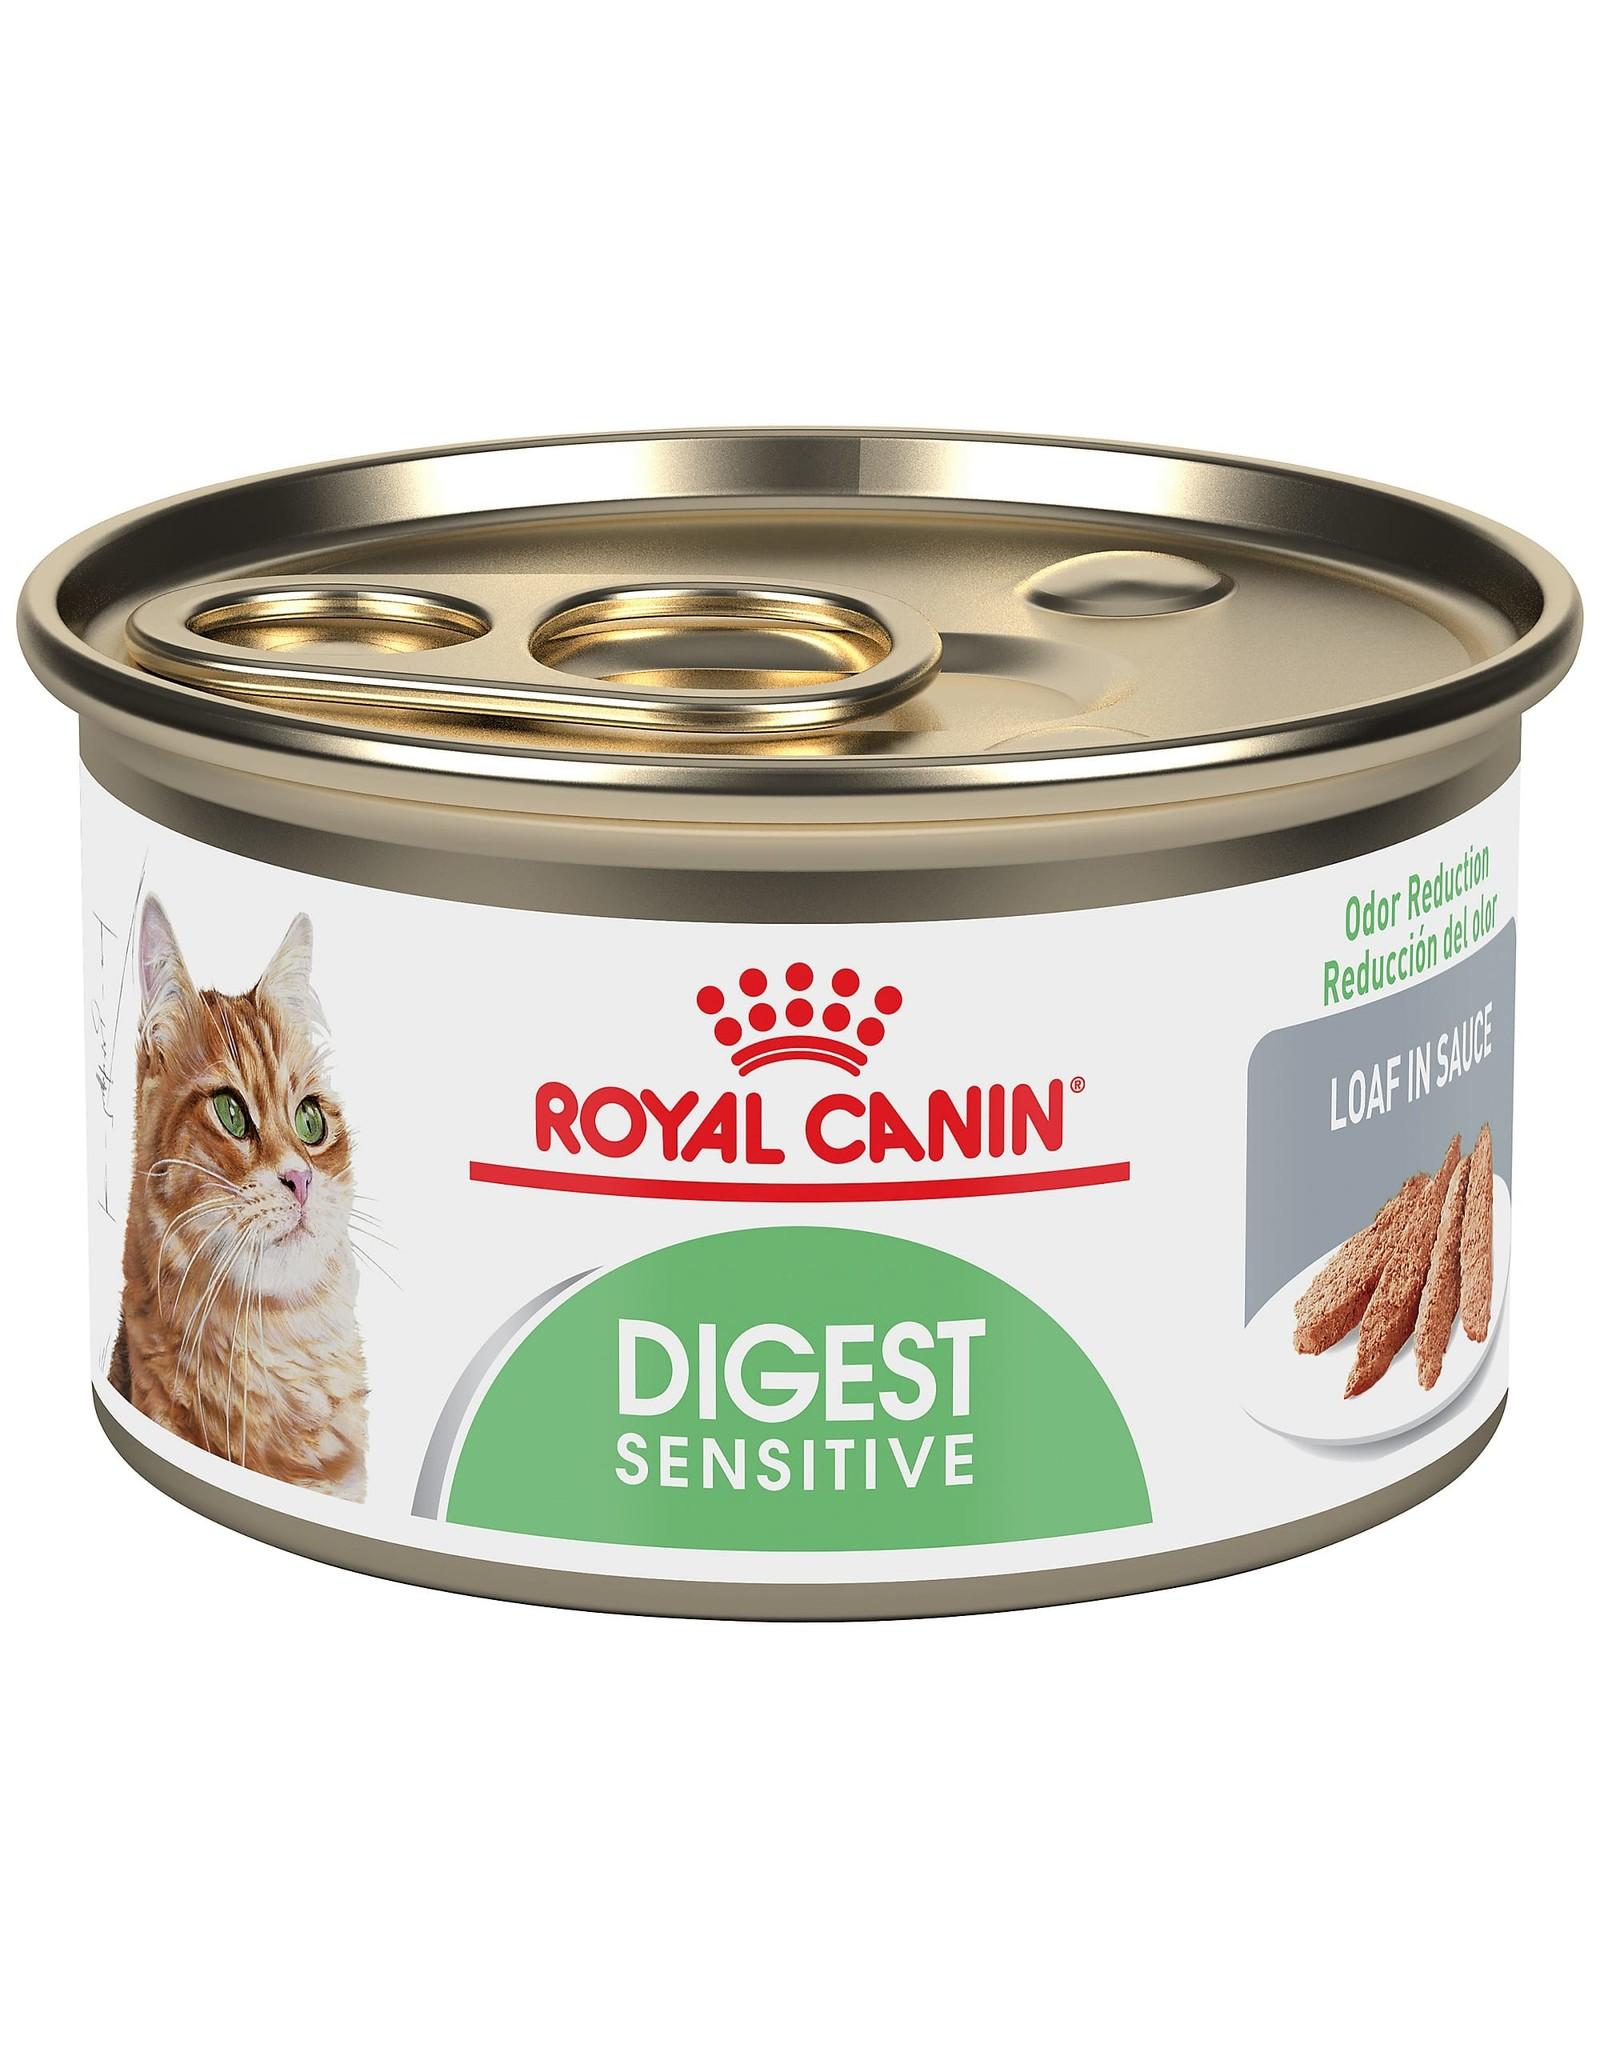 Royal Canin Royal Canin Feline Digest Sensitive Loaf 85g